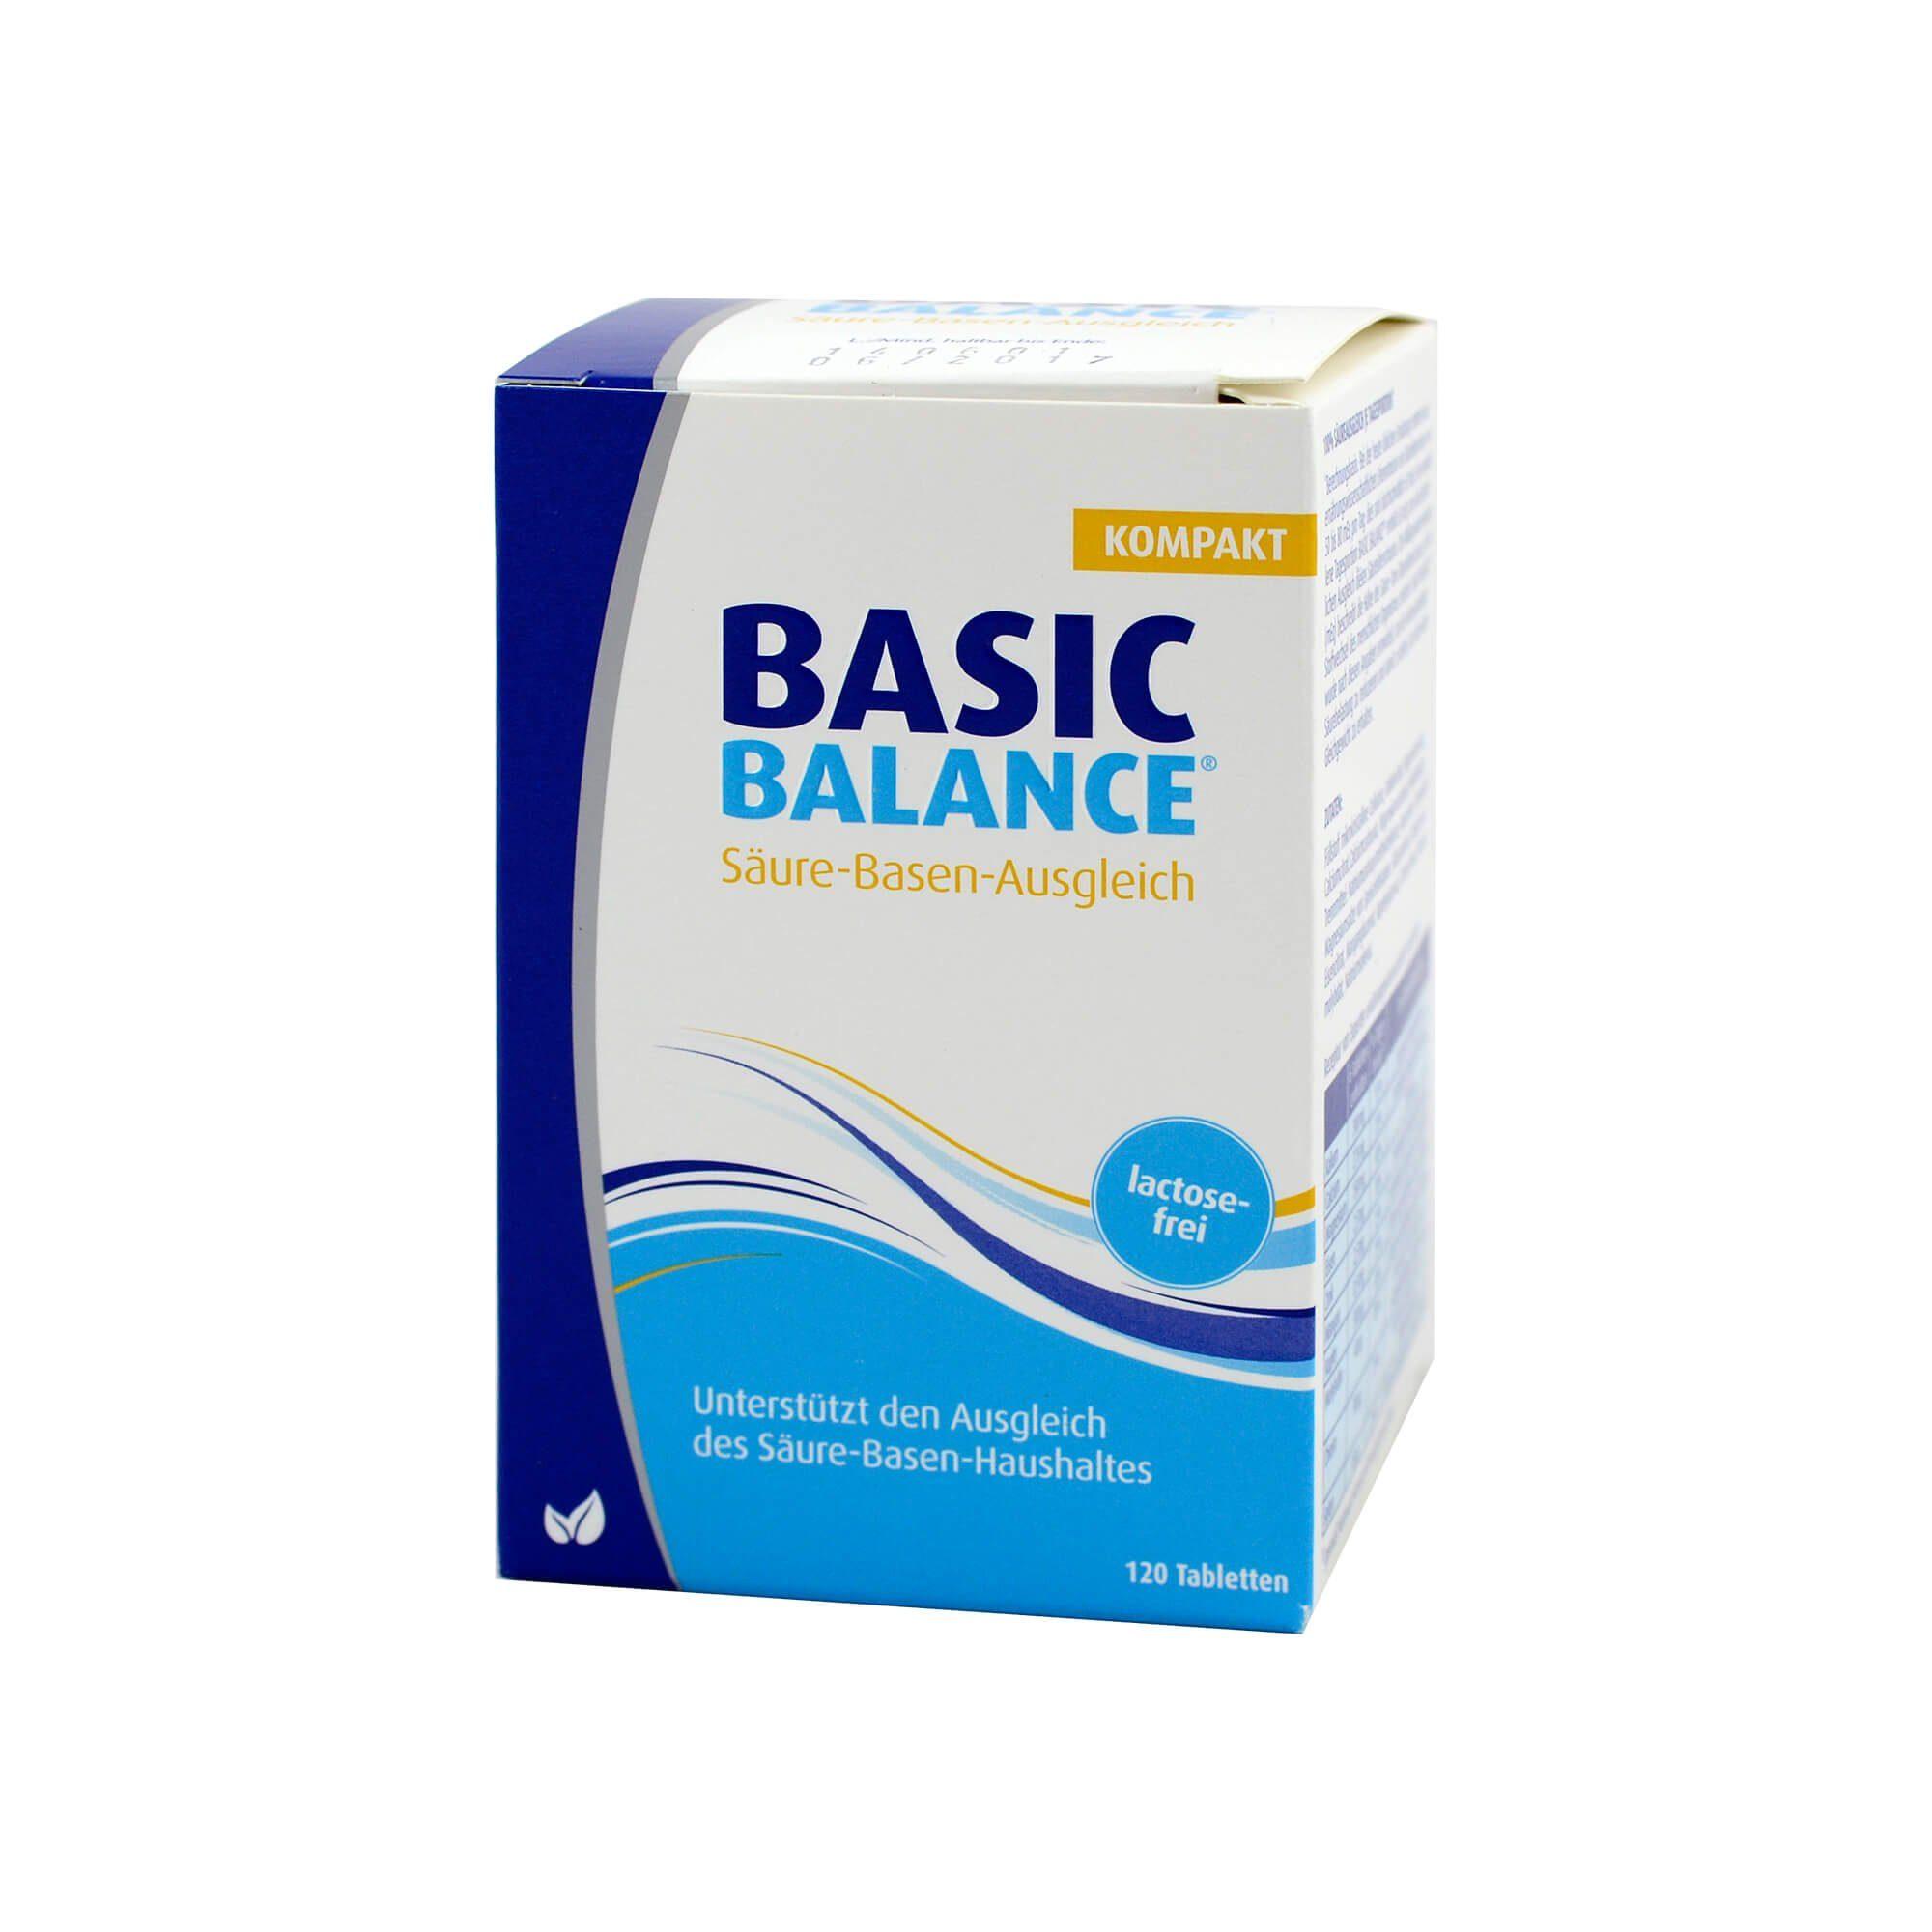 Basic Balance Kompakt, 120 St